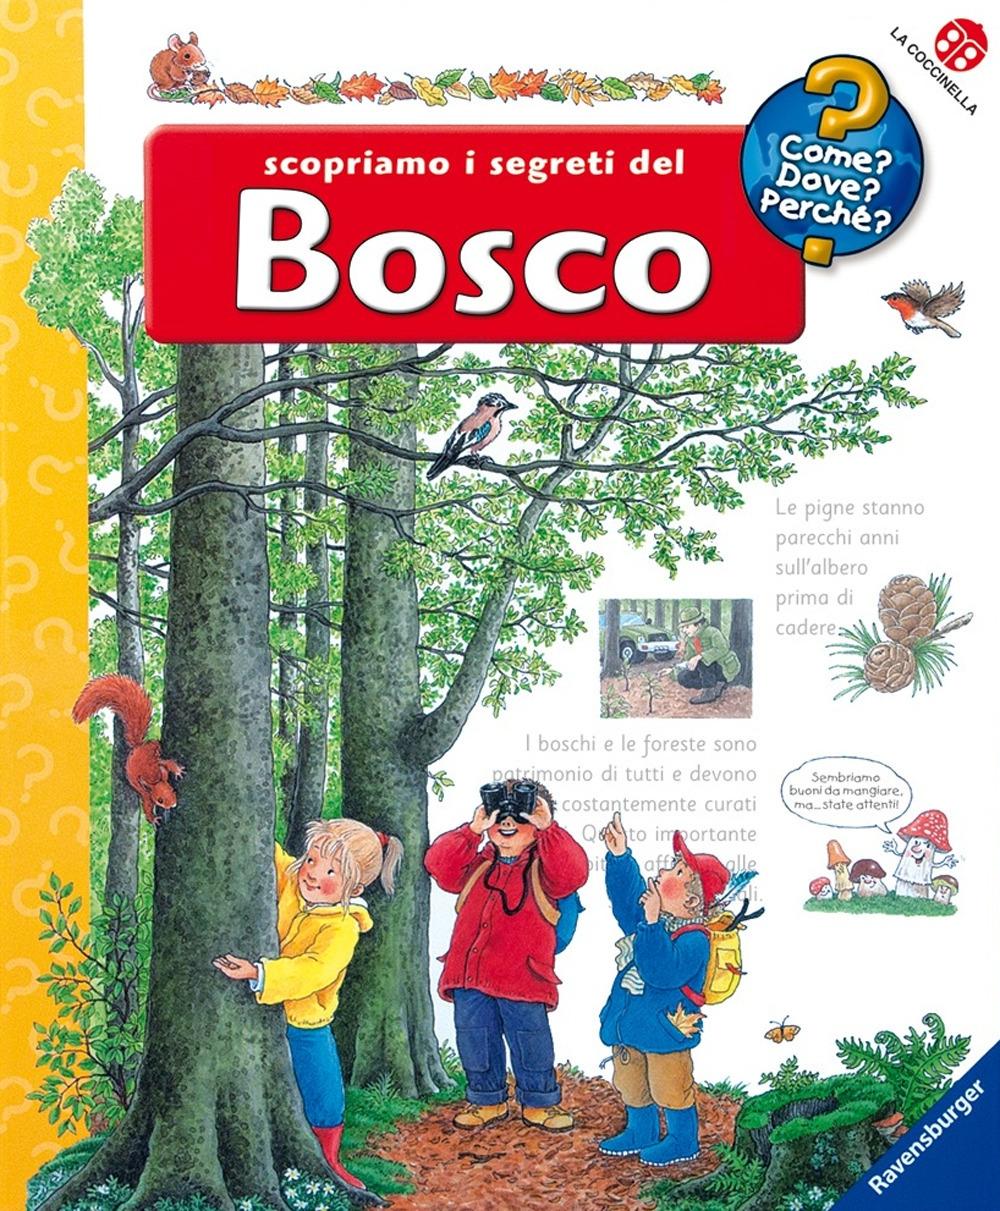 Scopriamo i segreti del bosco. Ediz. illustrata